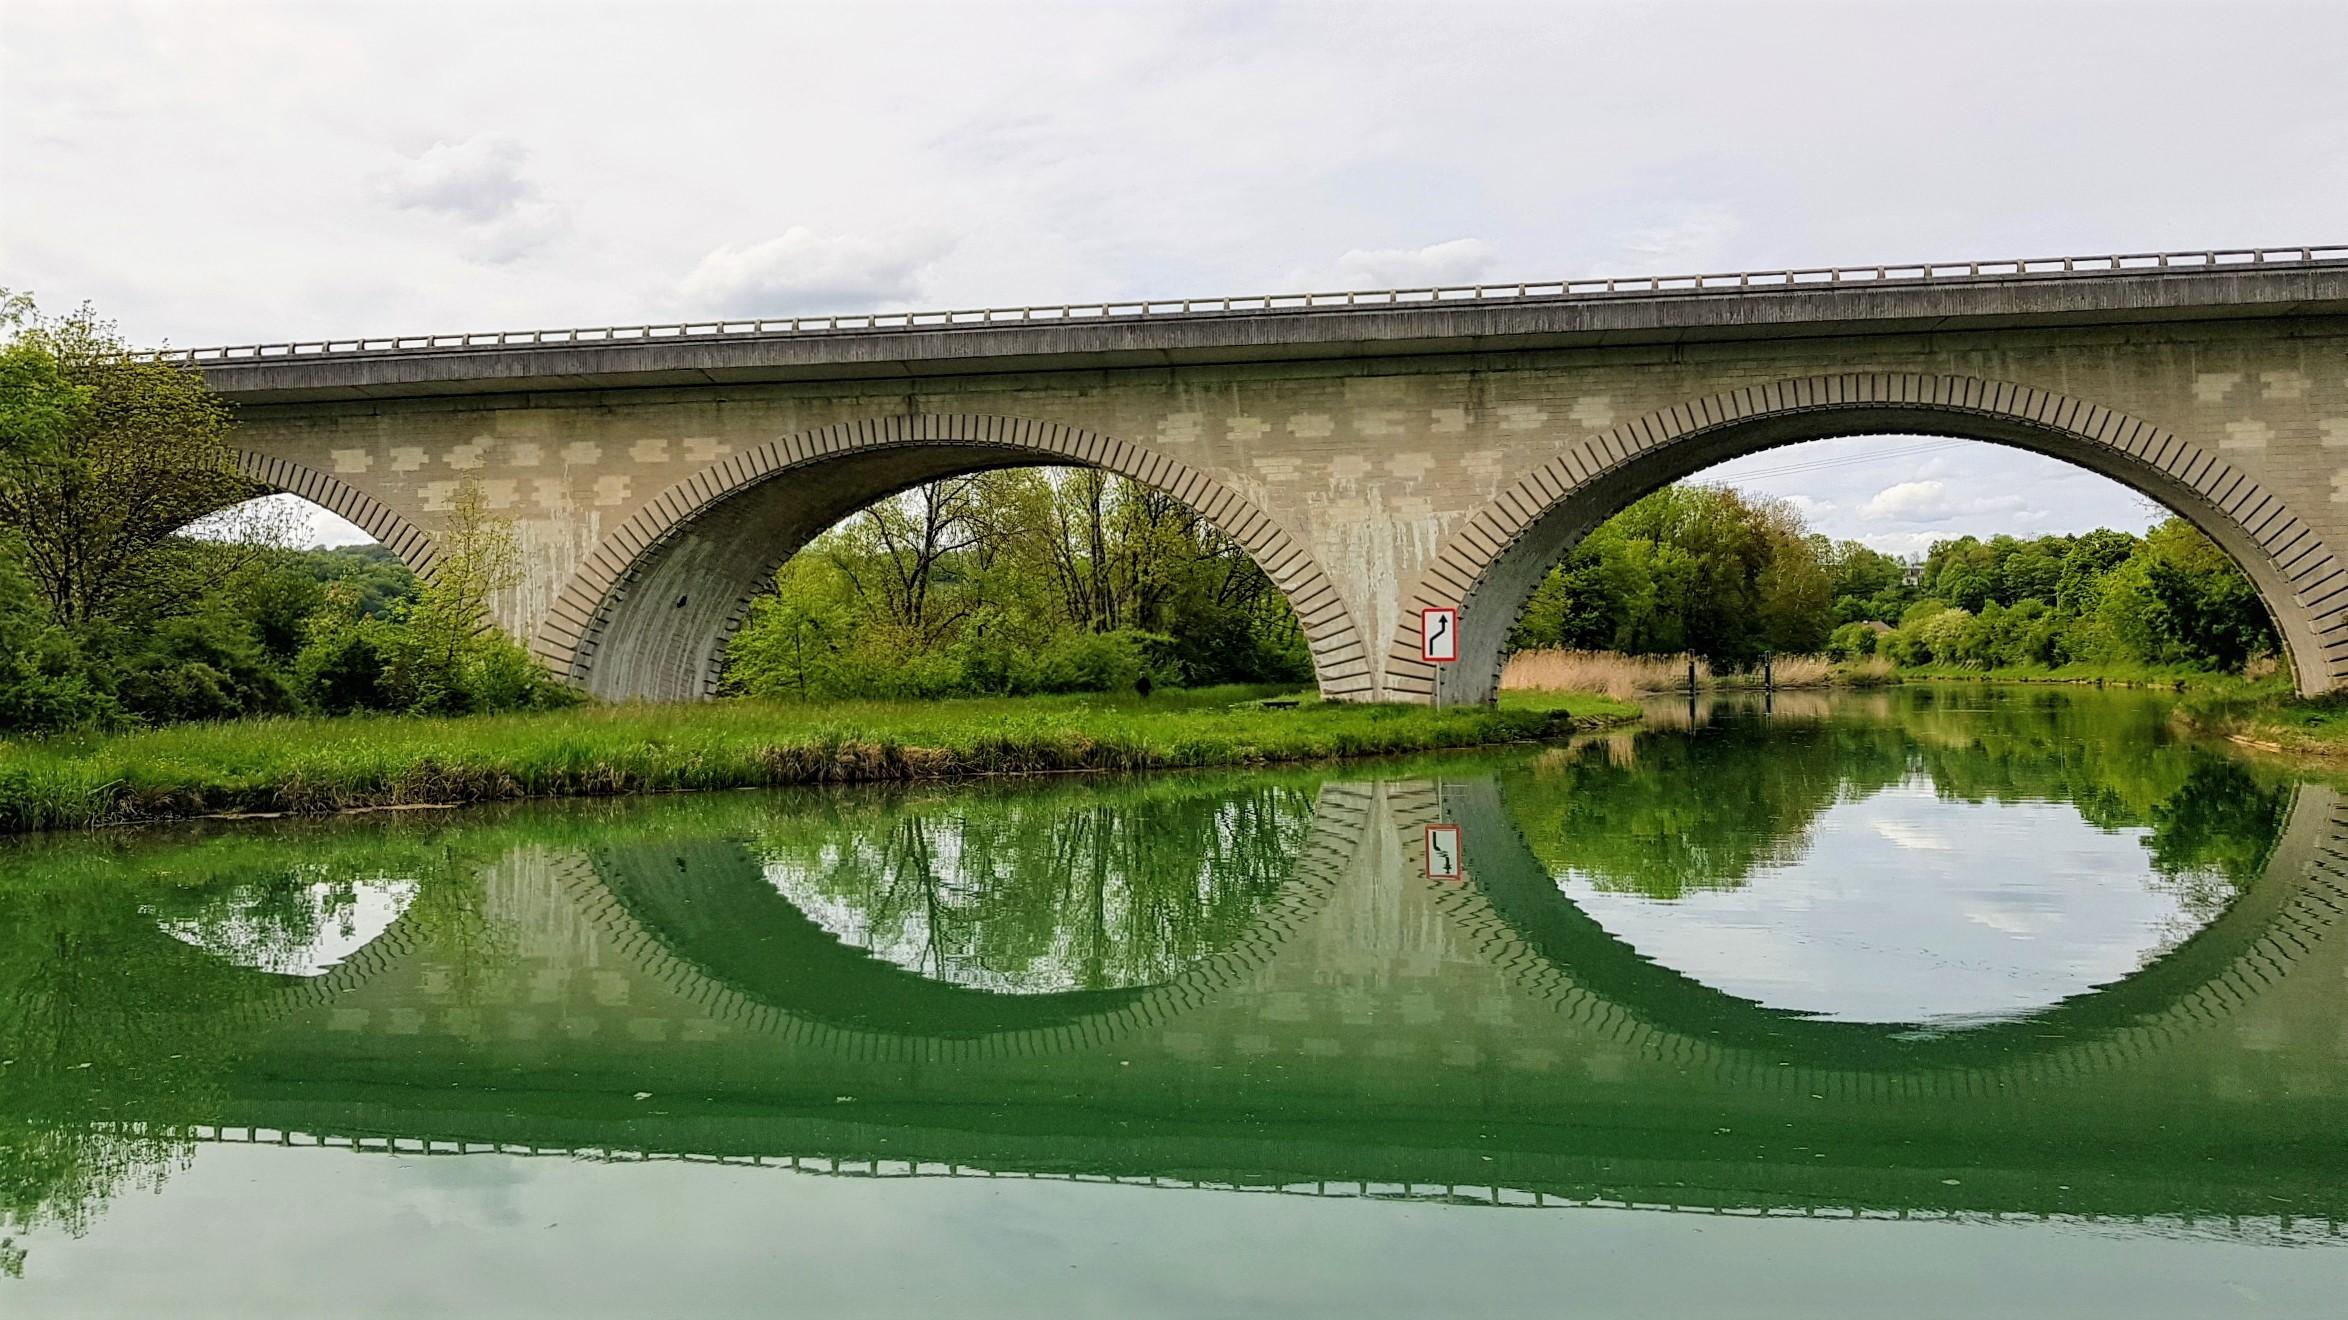 kurz vor Joinville ein vierbogiger Viadukt mit Stil